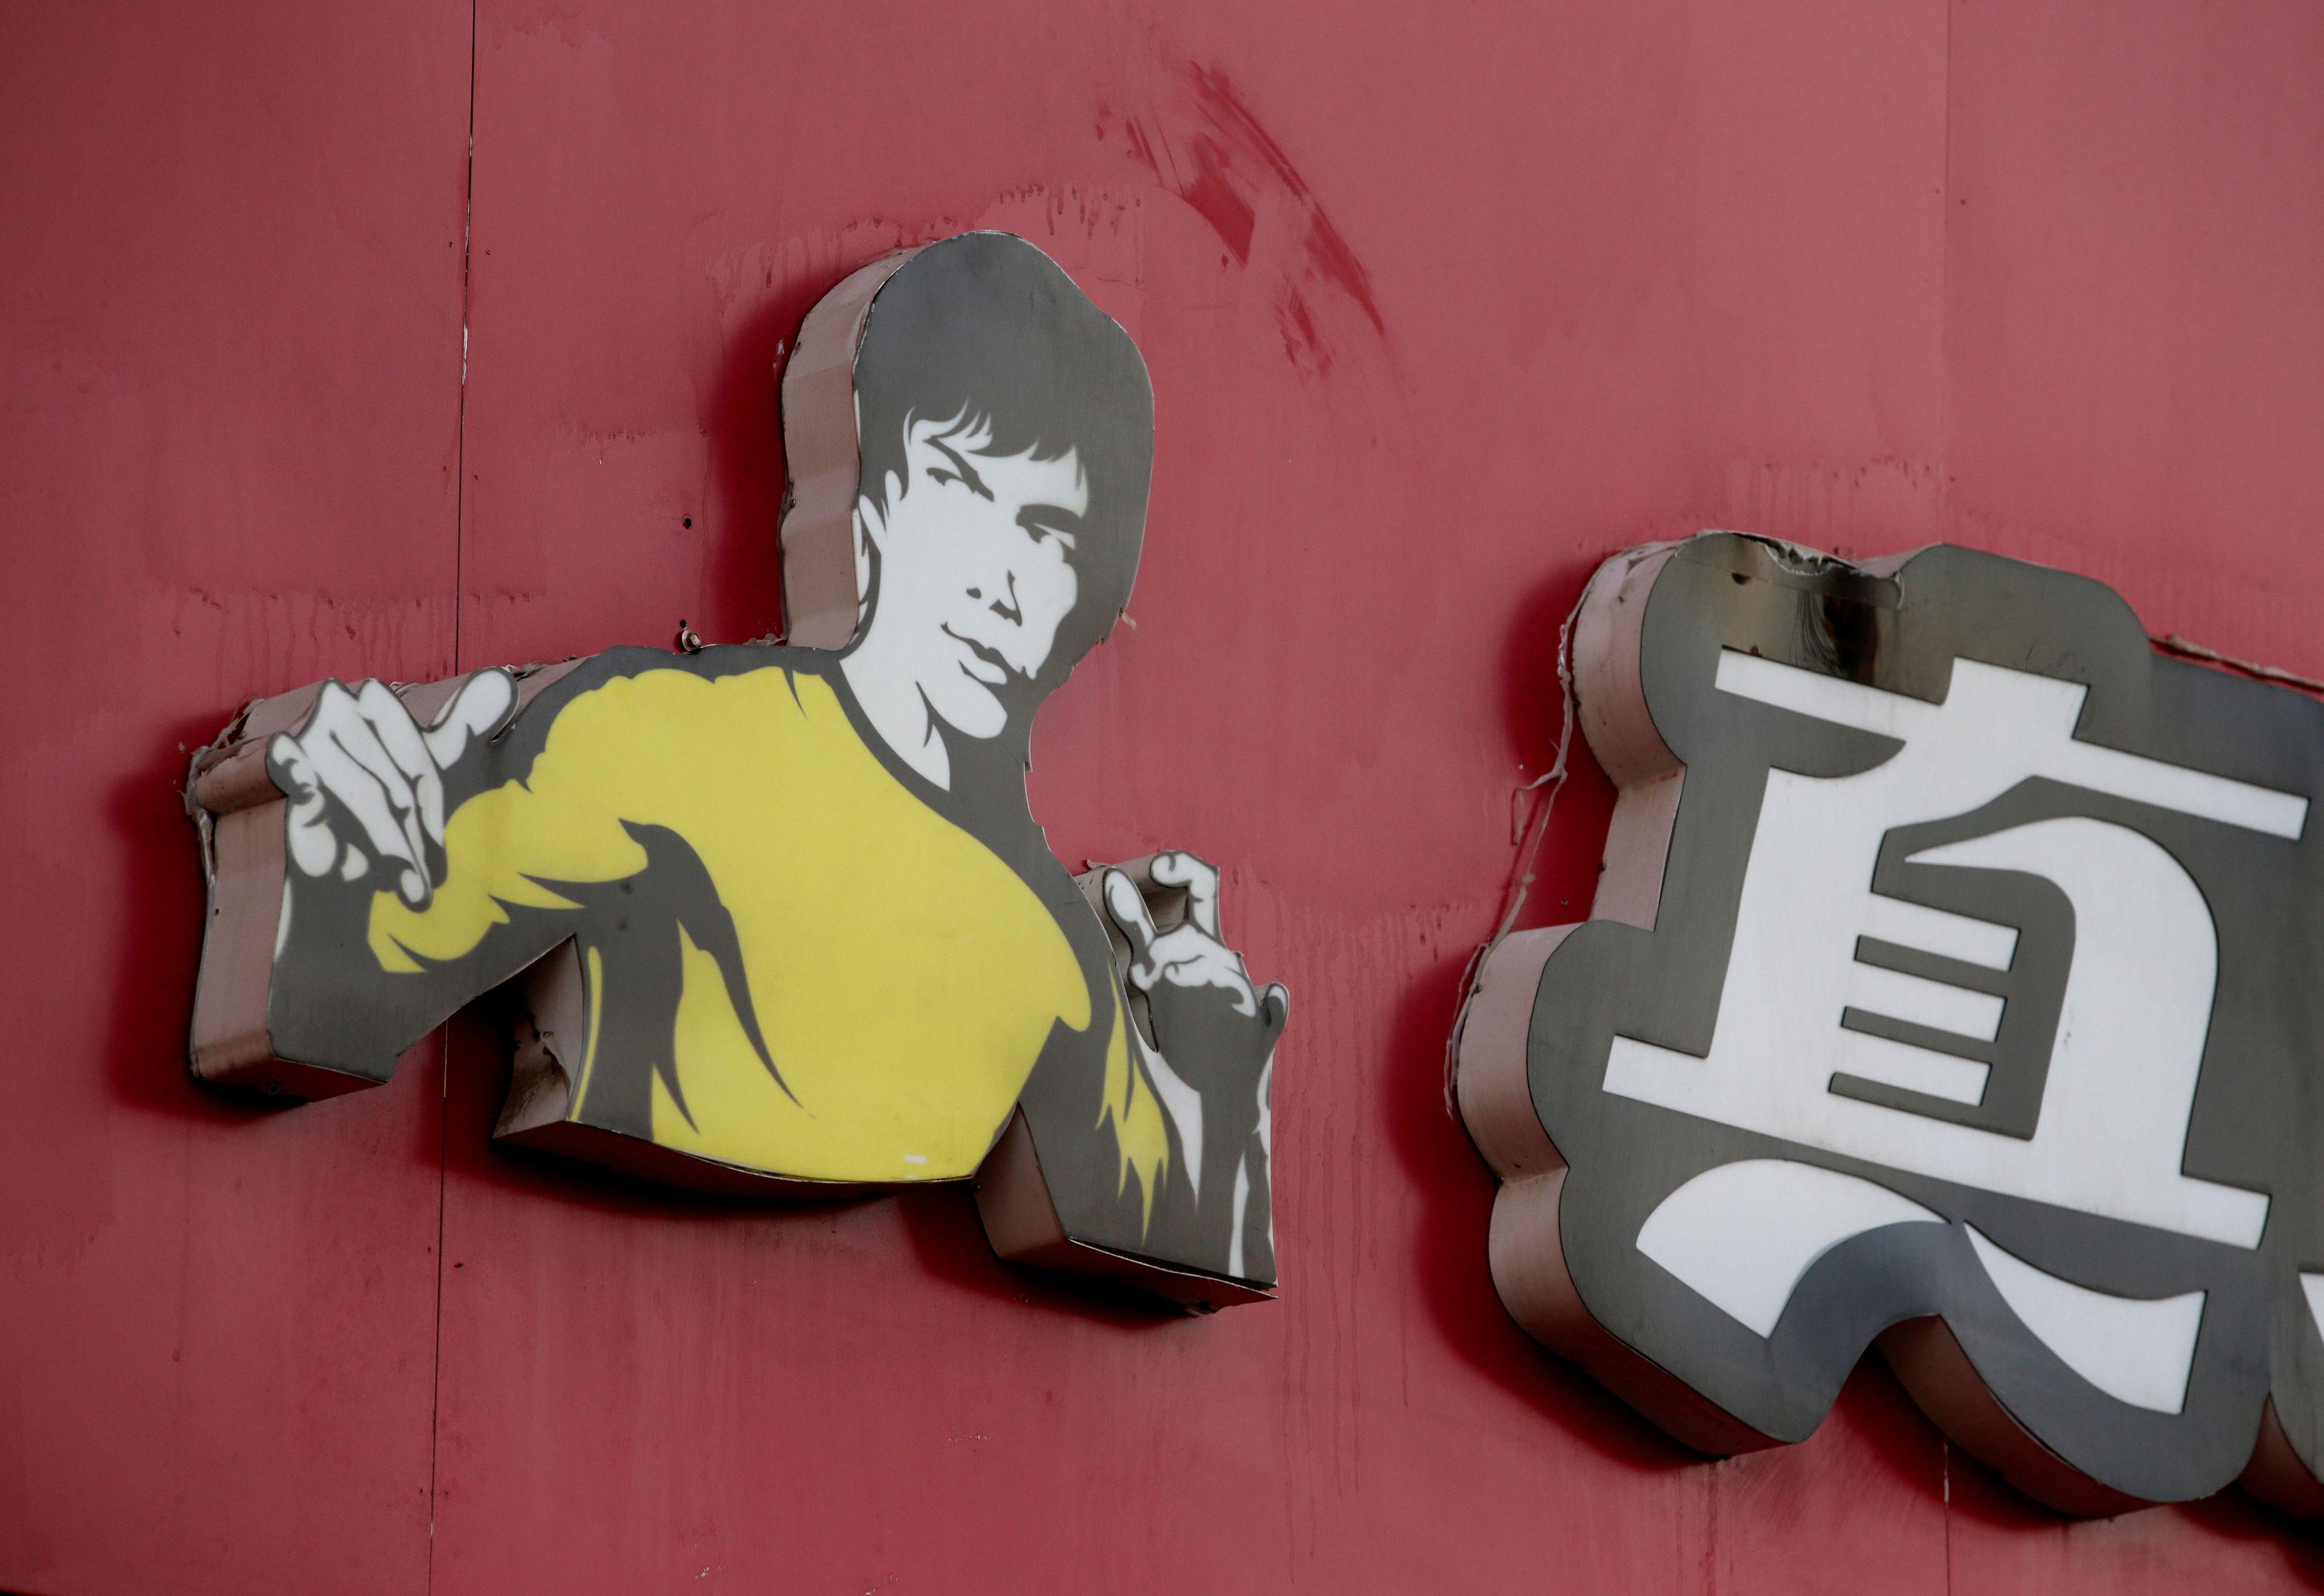 Lanac Real Kungfu u logu ima sliku Brucea Leeja / Reuters